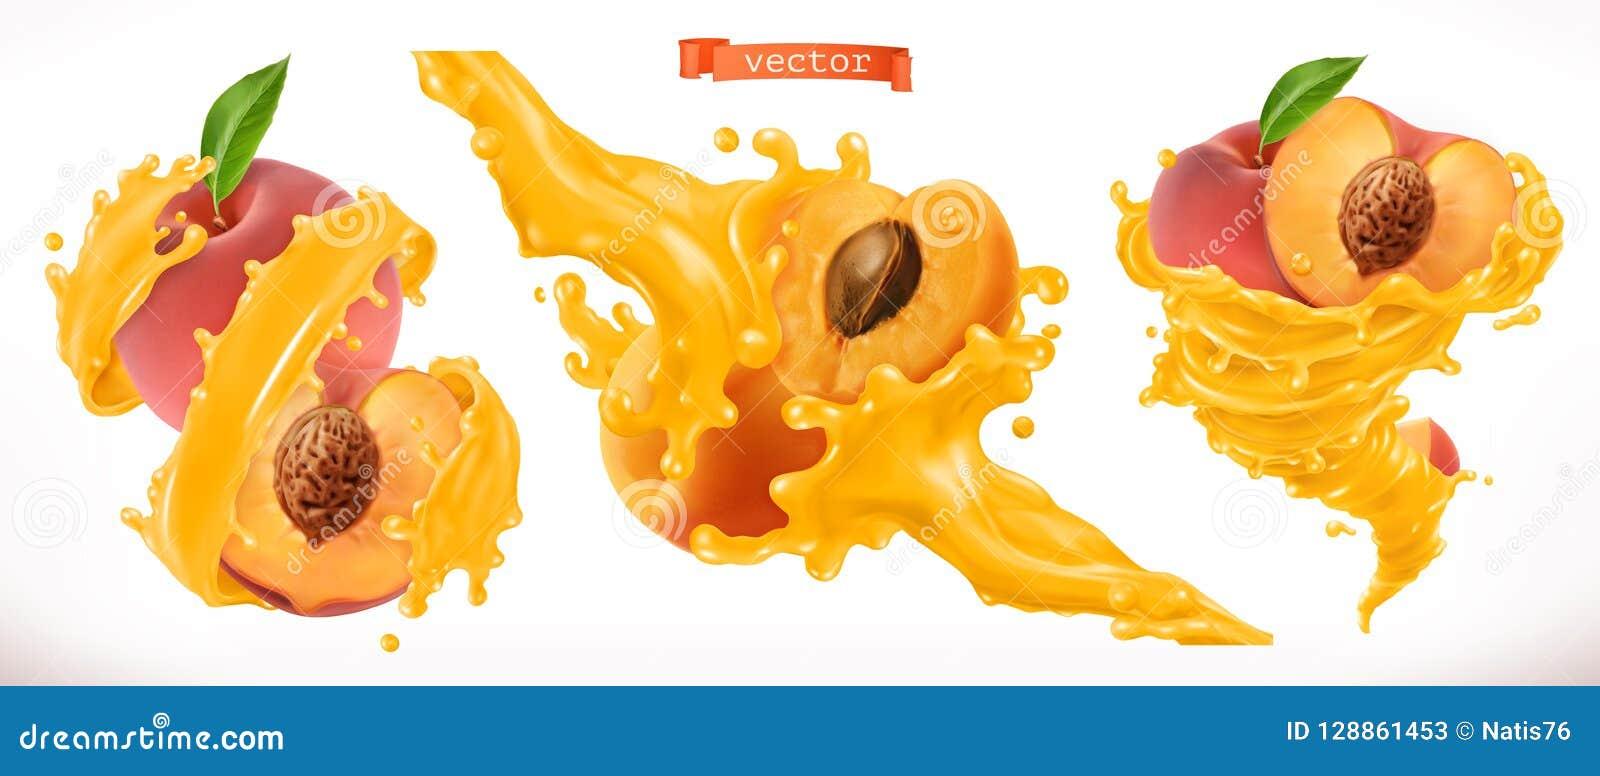 Χυμός ροδάκινων και βερίκοκων Τρισδιάστατο διανυσματικό εικονίδιο νωπών καρπών